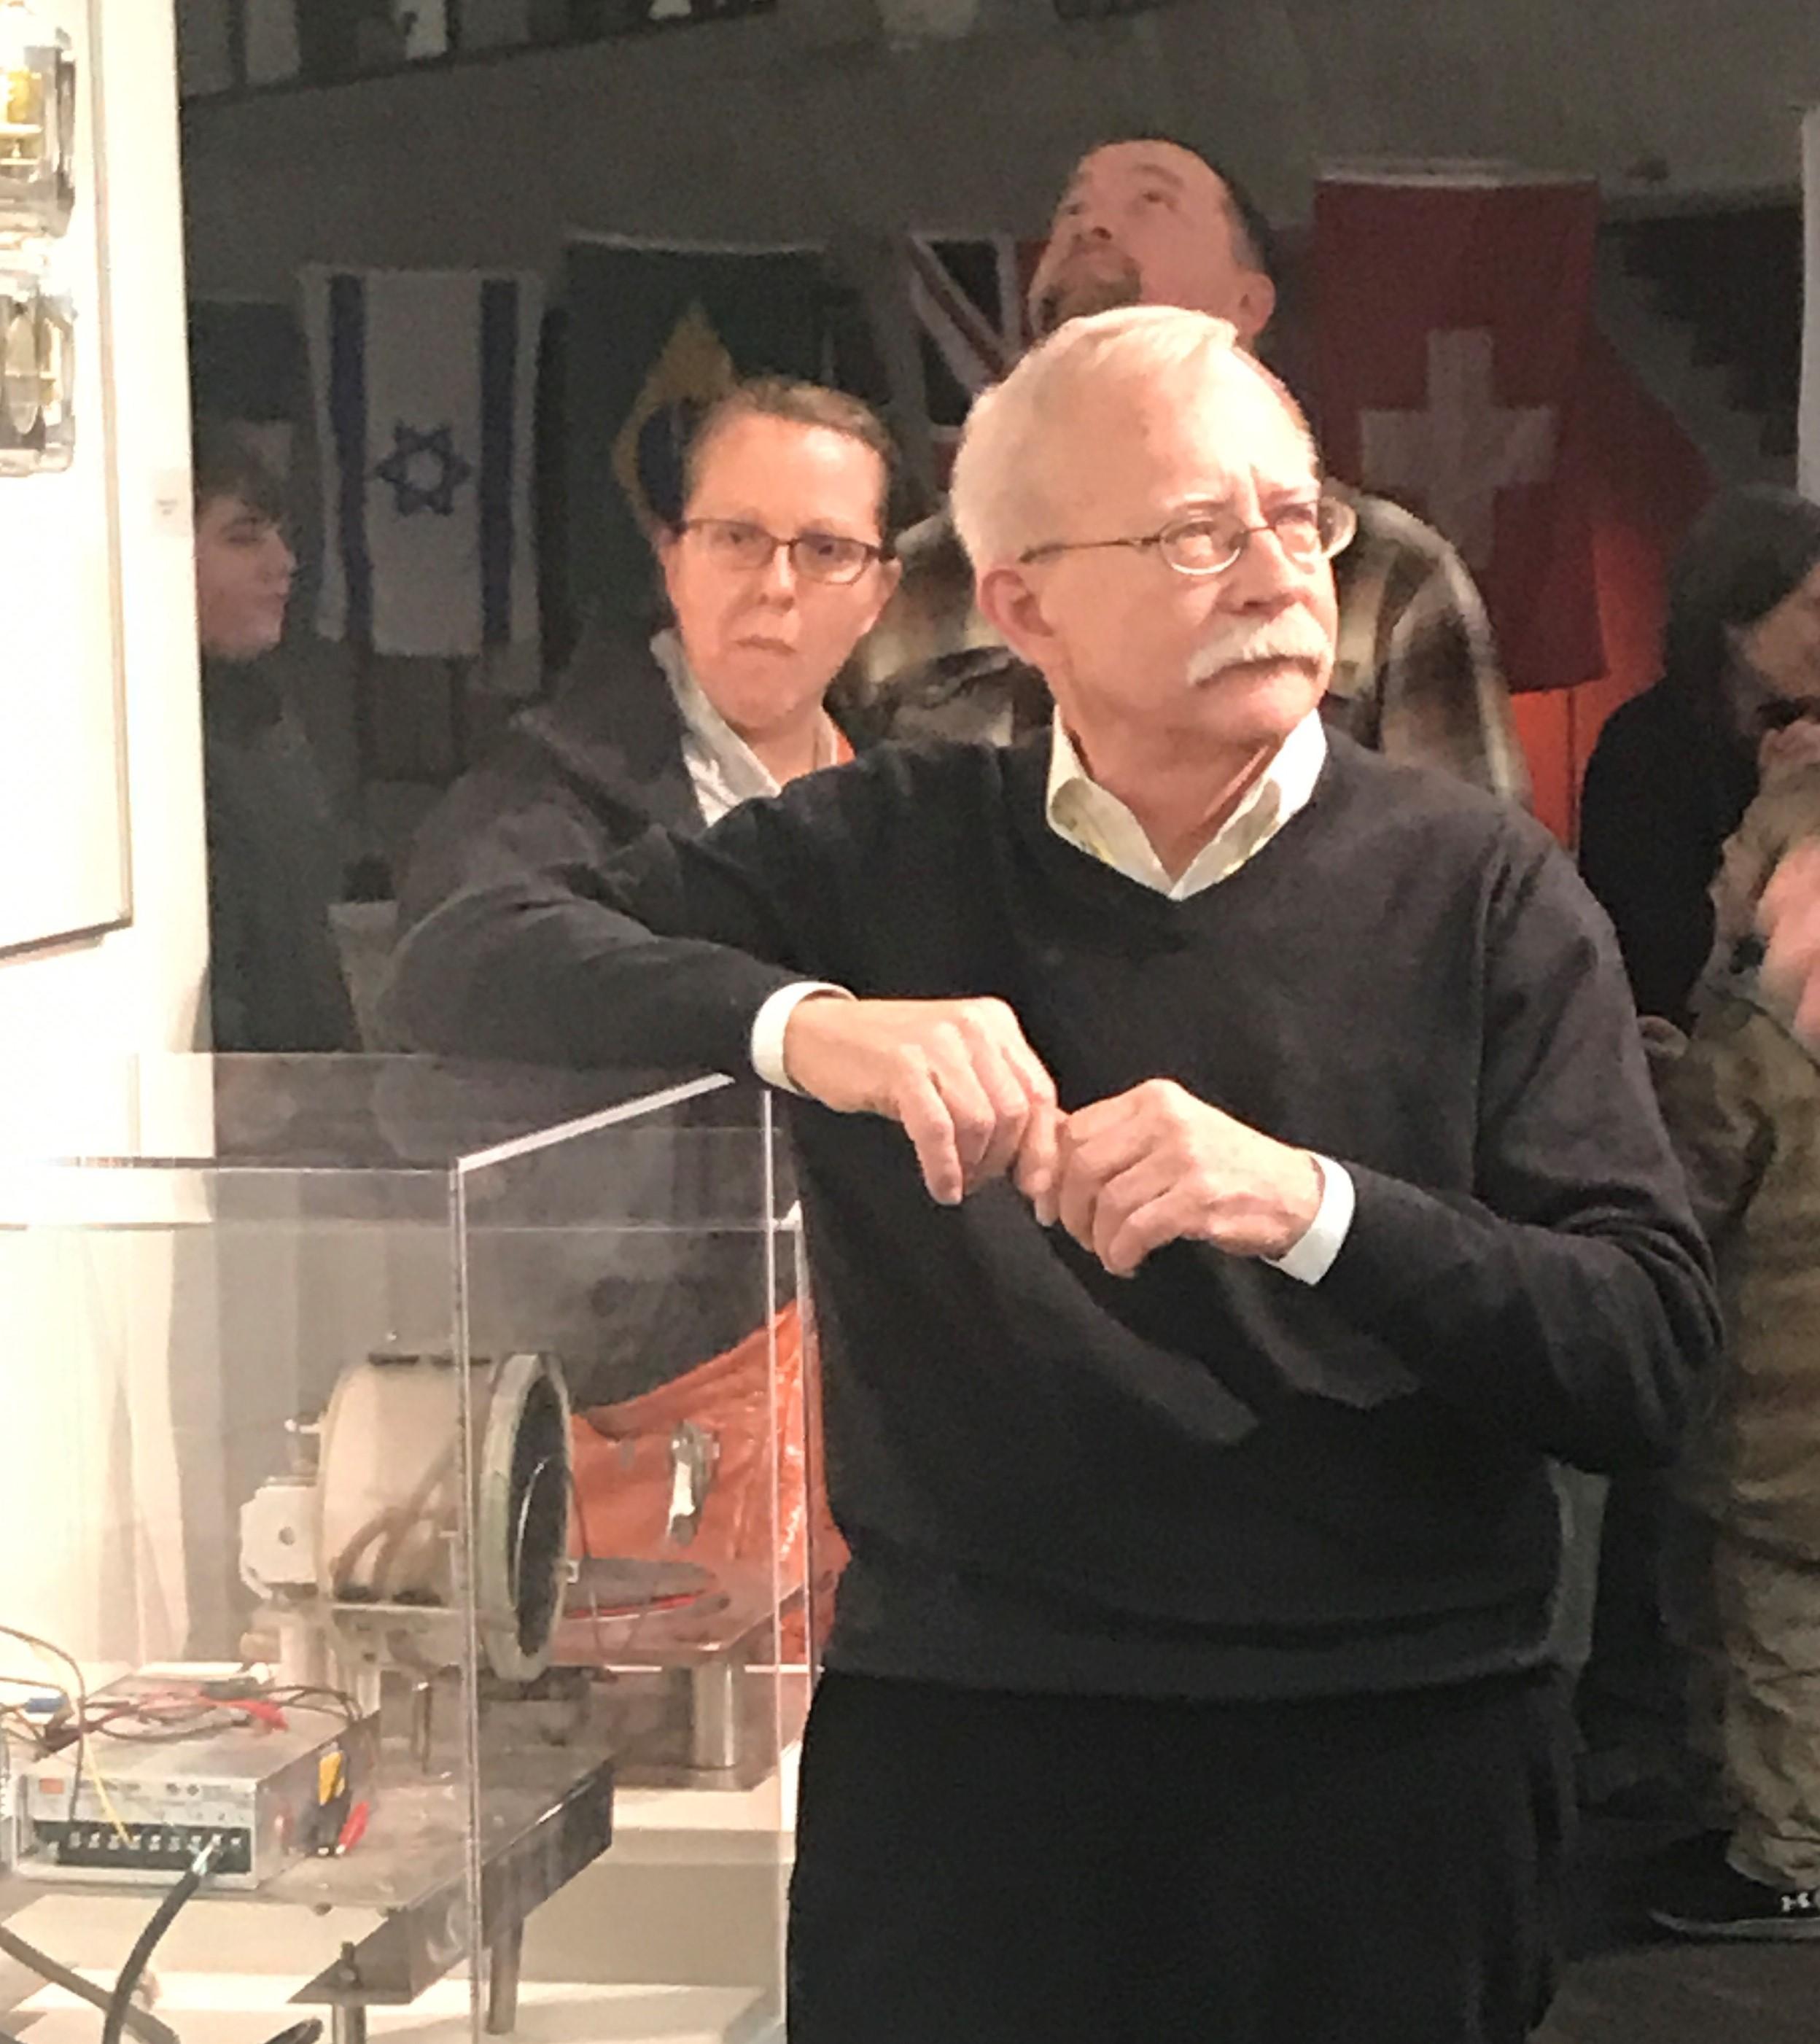 2017 Fermi Lab Artist in Residence Jim Jenkins